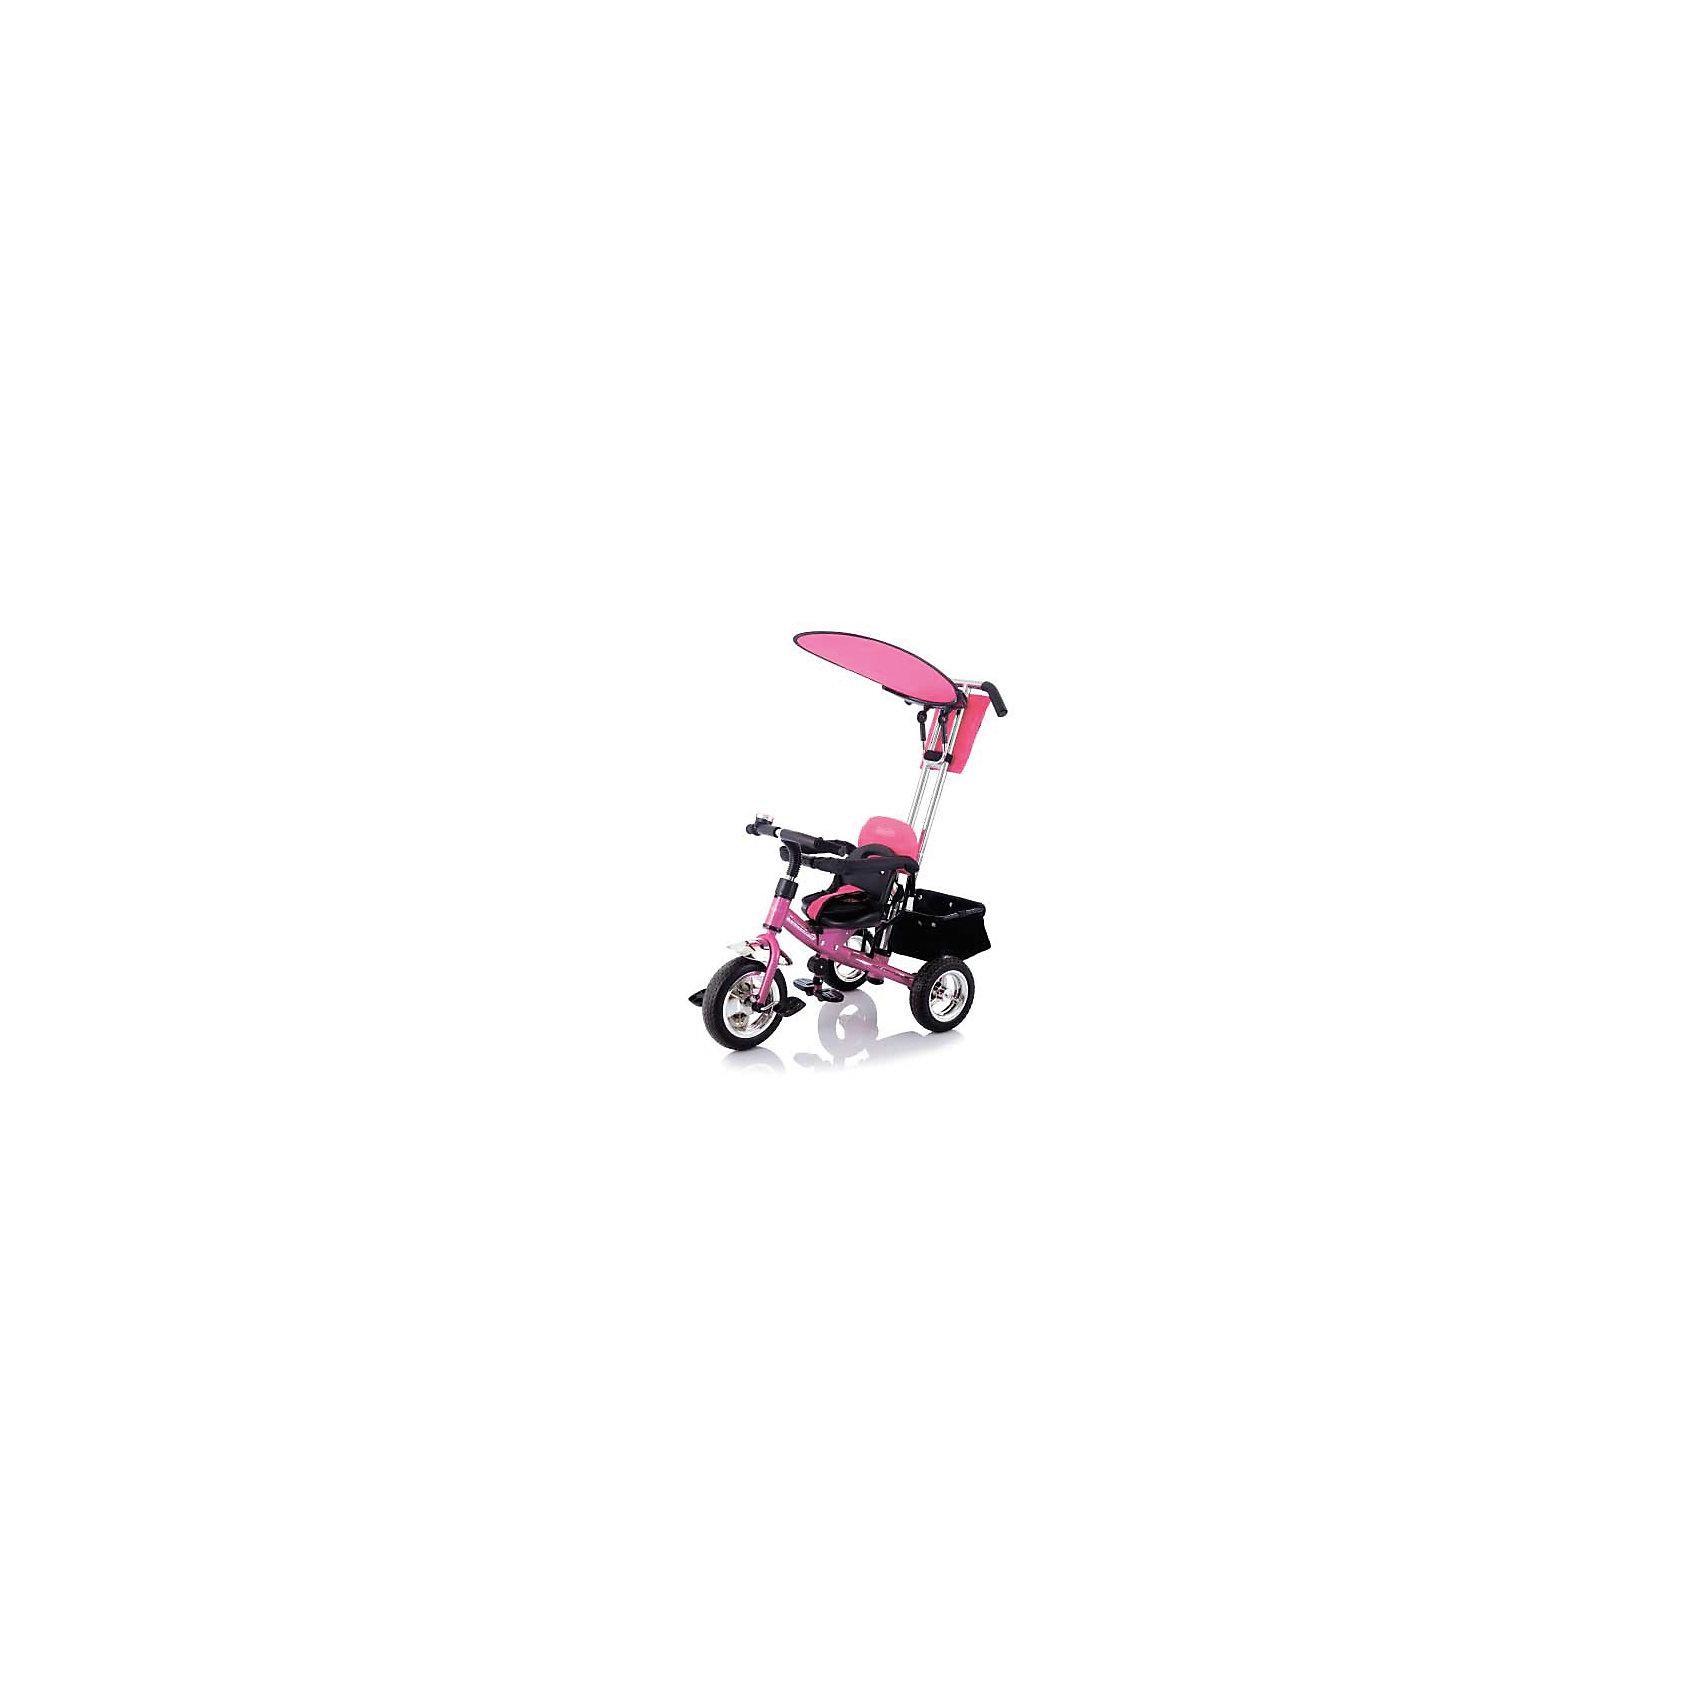 Велосипед трехколесный Lexus Trike Next Generation, розовый, JetemВелосипеды детские<br>Jetem Lexus Trike Next Generation — это детский велосипед с ручкой-толкателем для родителя. Одна из лучших моделей по соотношению «цена-качество». Главная «фишка» Лексуса — это сидение с мягкими накладками, которое можно регулировать в 3 положениях. Седло двигается вперед-назад, увеличивая расстояние до педали по мере того, как растет нога ребенка.Сидя на велосипеде, ребенок будет в полной безопасности. За это отвечают 5-точечные ремни. Они надежно зафиксируют малыша в кресле и не дадут ему выпасть. Кроме педалей рама оснащена еще и двумя подножками-топталками с ребристой поверхностью. Руль очень удобен, а грипсы не натирают нежную кожу малыша. На руле есть звоночек.Для комфорта мамы сзади закреплена корзина с жестким дном, куда можно поставить сумку или сложить покупки. Корзина очень прочная и выдерживает солидный вес. Ручка-толкатель оснащена надежным поворотным механизмом. Управлять этим велосипедом так же просто, как и прогулочной коляской.Характеристики:• Размер велосипеда: 86х50х100 см.• Диаметр переднего колеса — 25 см.• Диаметр заднего колеса — 21,5 см.• Максимальный вес: 9 кг.• Предназначен для детей от 1,5 года до 3-4 лет (до 25 кг).<br><br>Ширина мм: 580<br>Глубина мм: 260<br>Высота мм: 450<br>Вес г: 11000<br>Возраст от месяцев: 24<br>Возраст до месяцев: 60<br>Пол: Женский<br>Возраст: Детский<br>SKU: 5475692